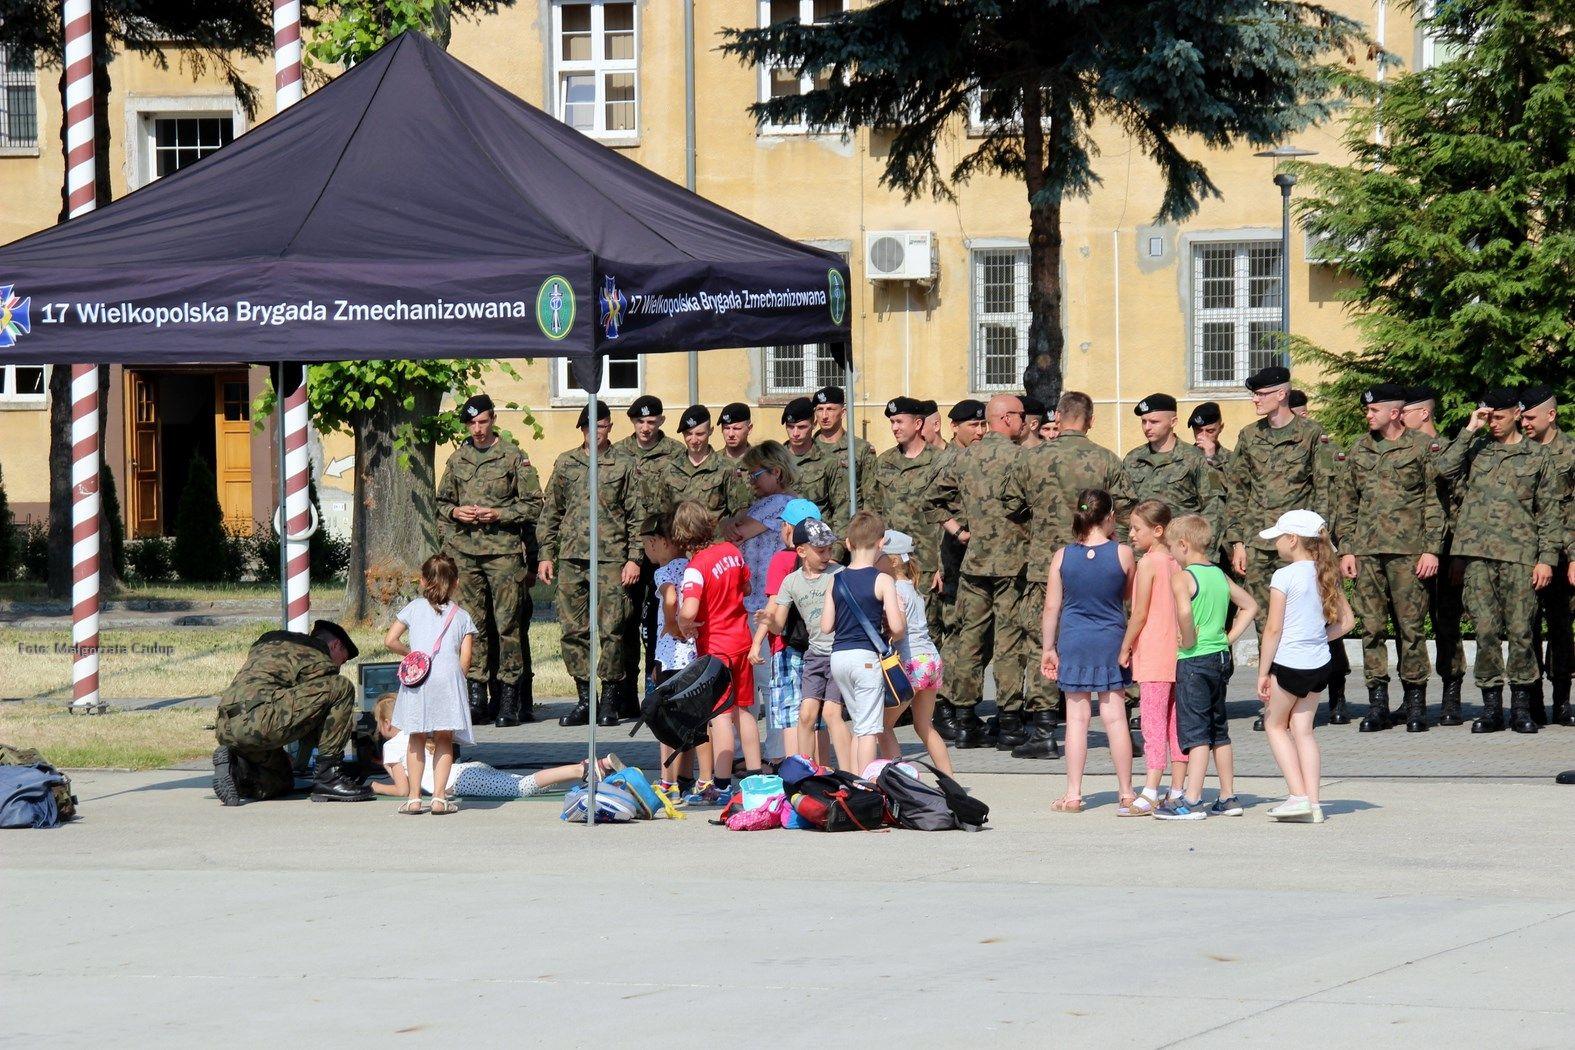 Militarny Dzień Dziecka w 17WBZ